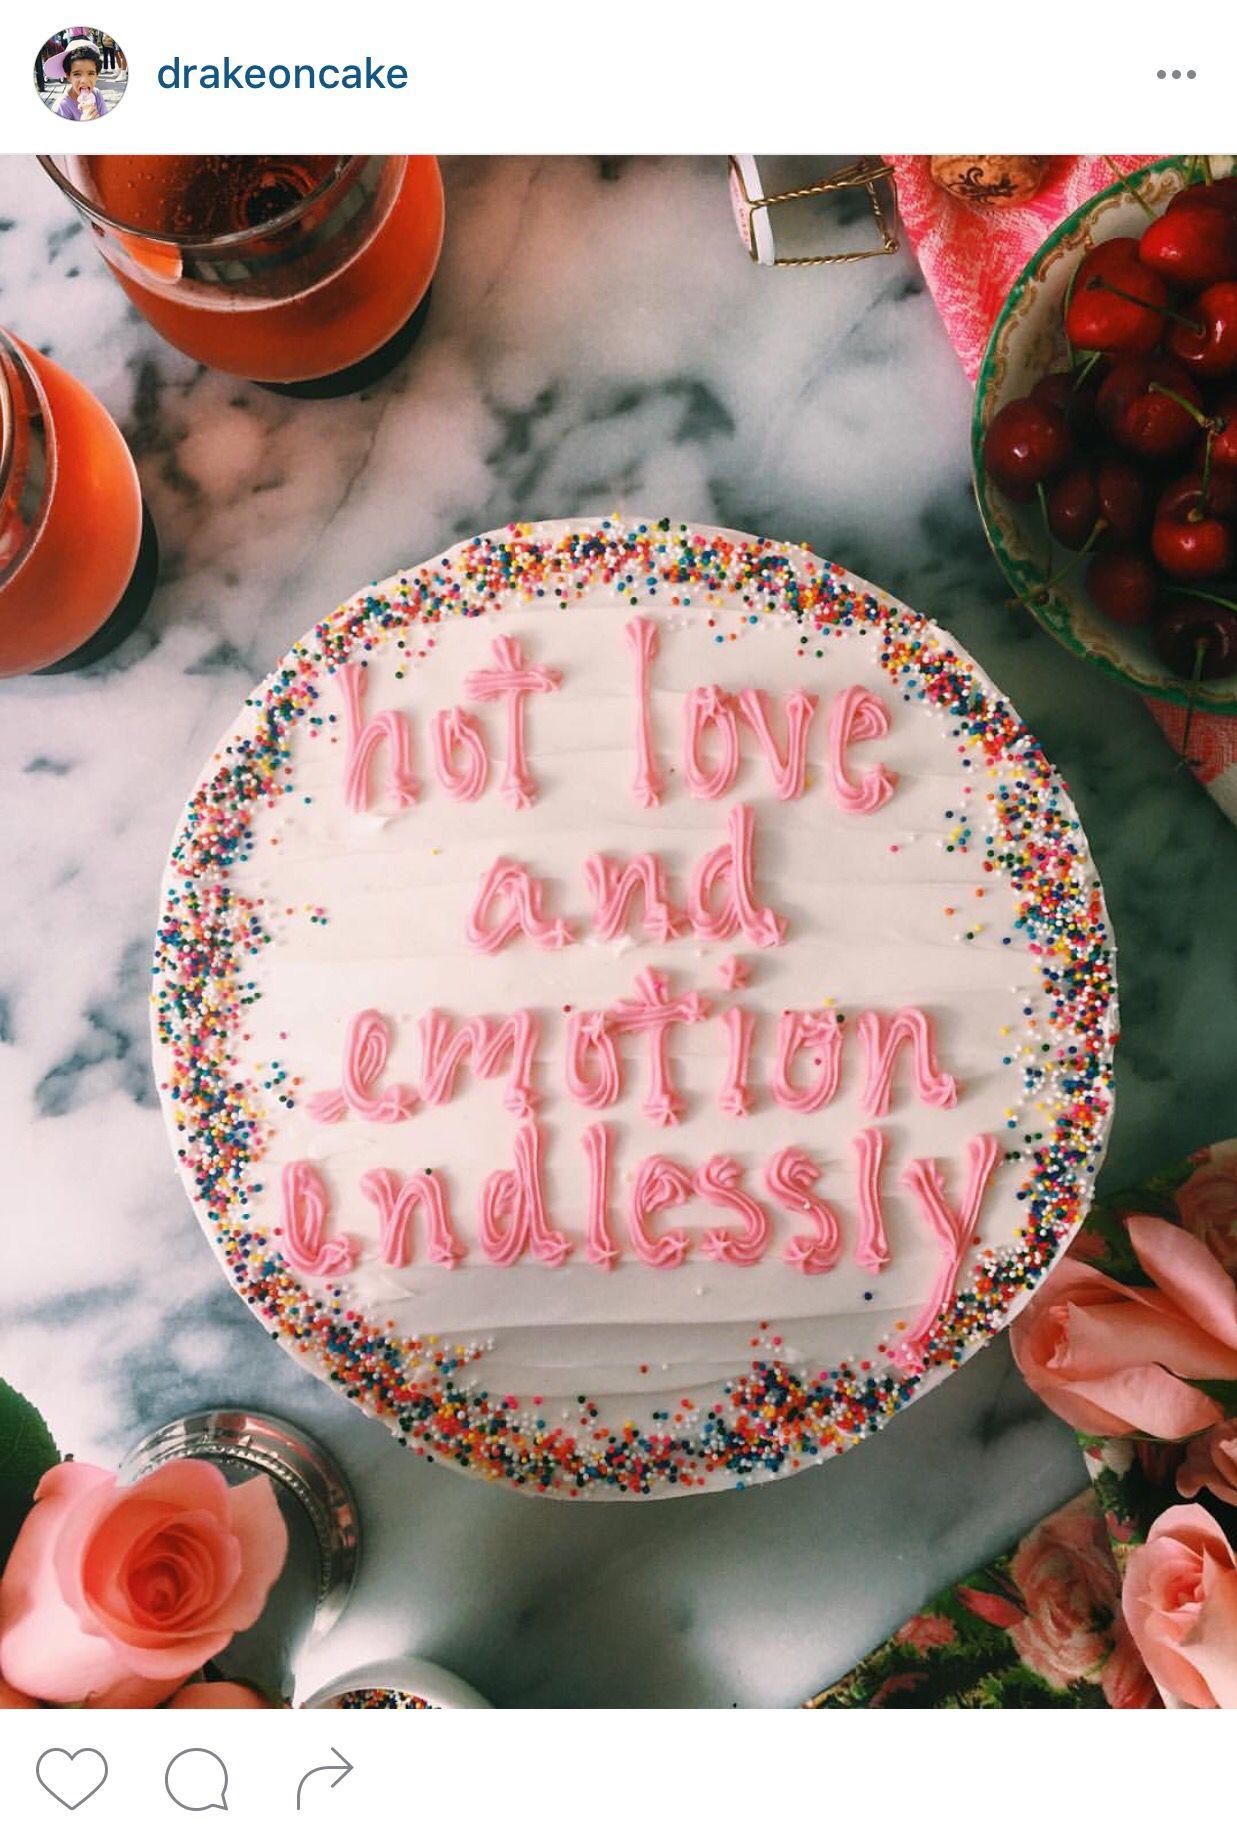 By drakeoncake on Instagram. Drake cake, Cake, Eat cake